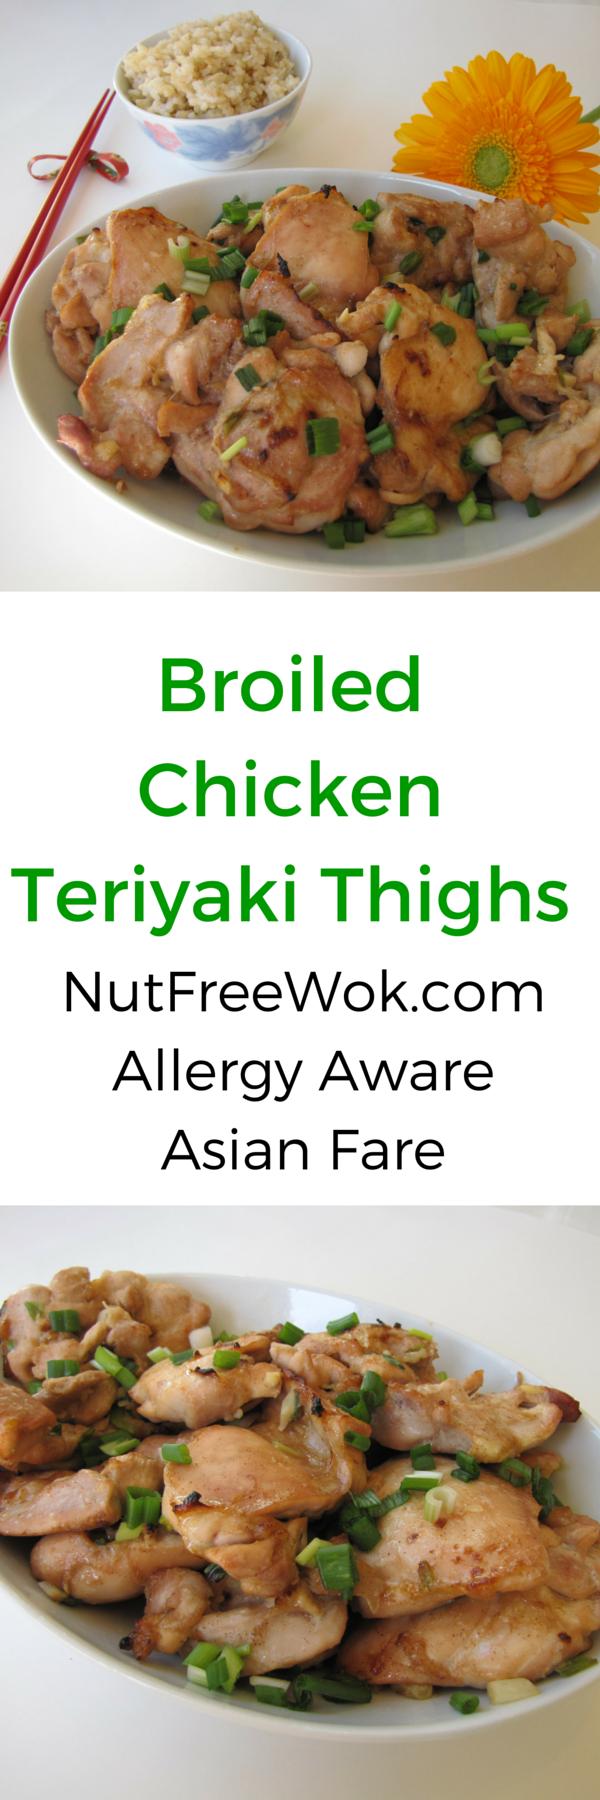 Broiled Chicken Teriyaki Thighs Nut Free Wok